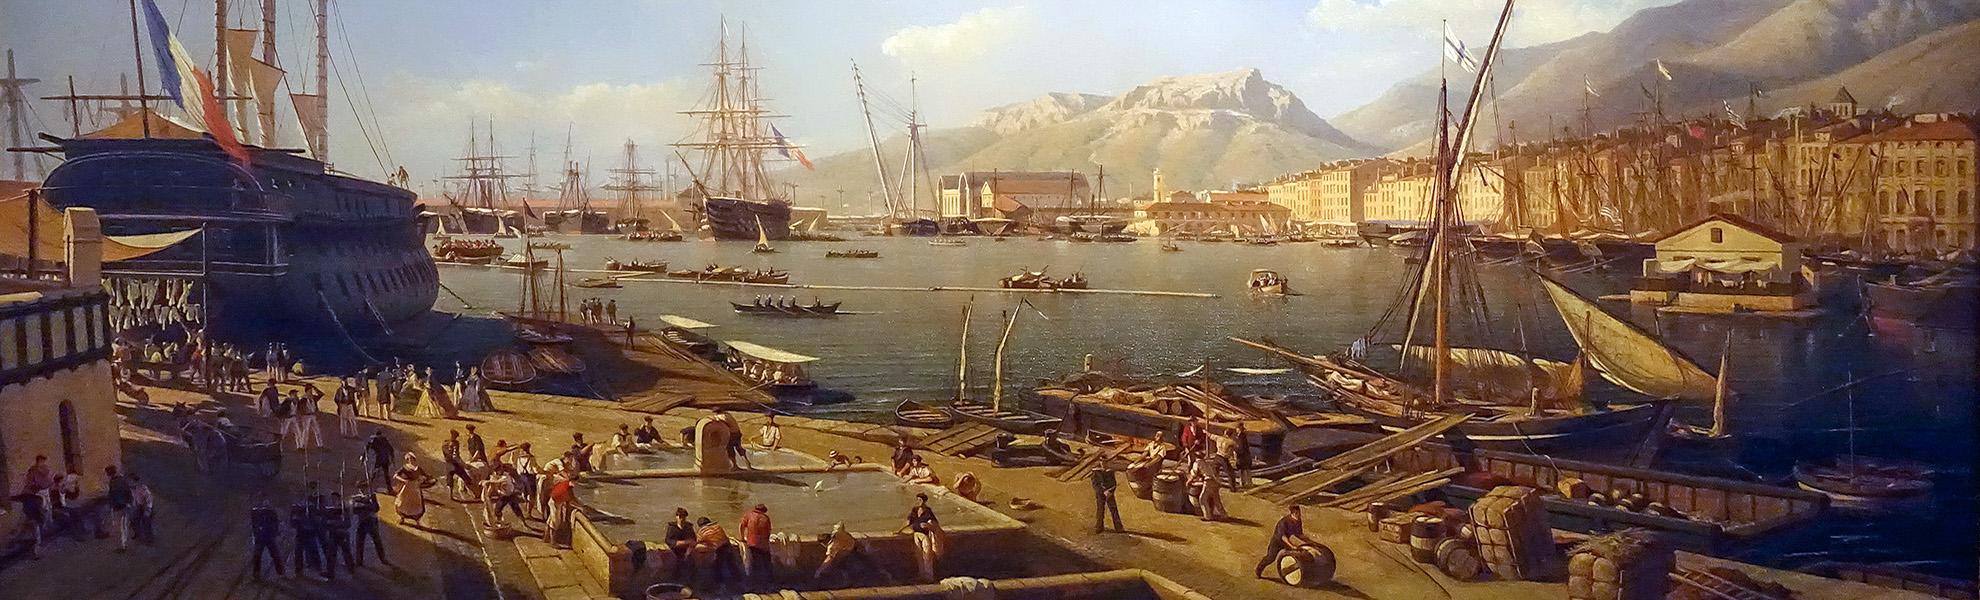 TOULON 1854